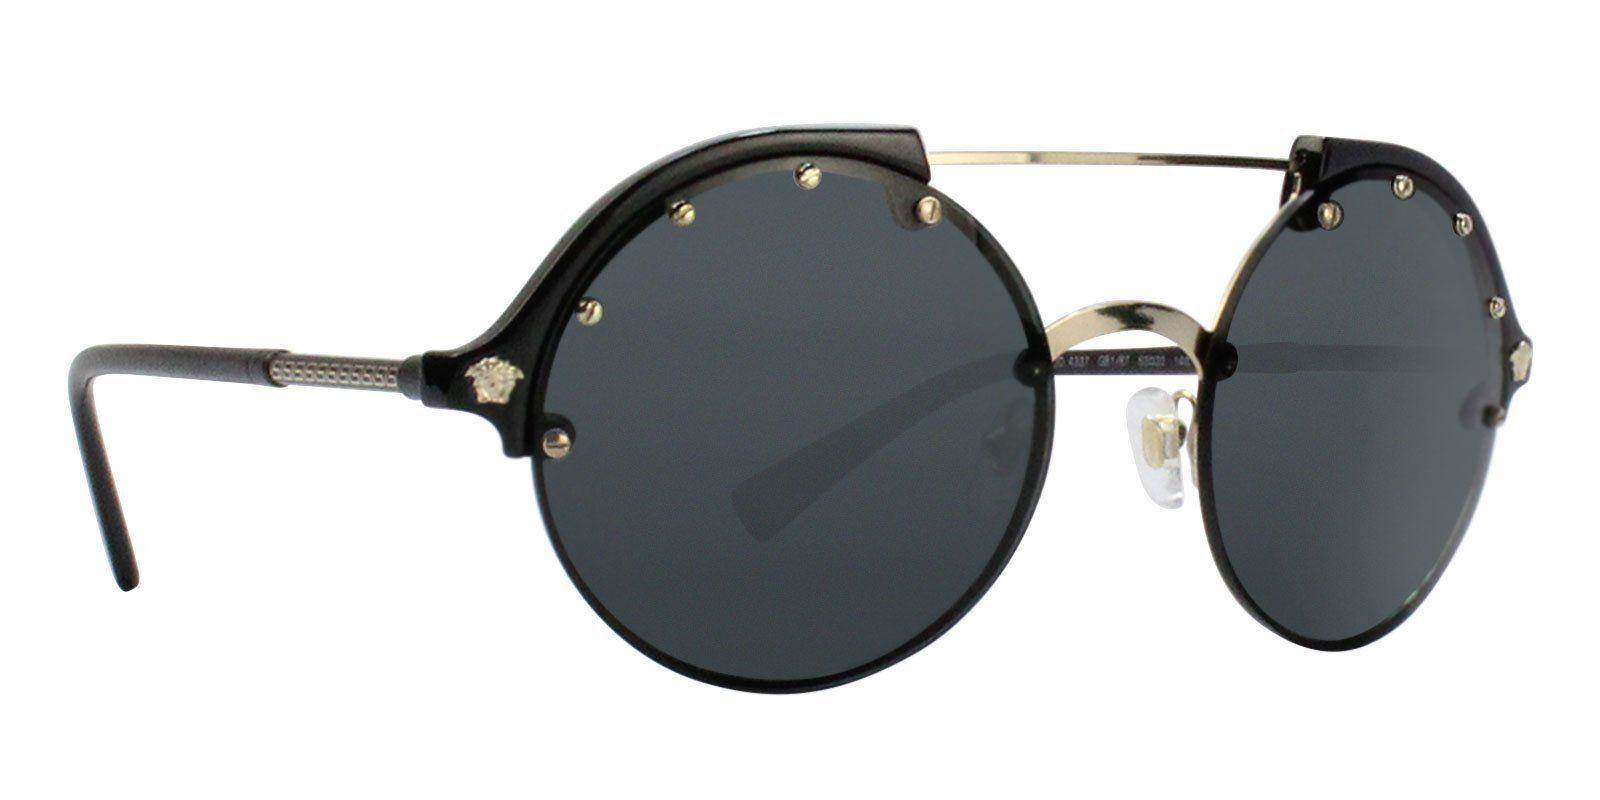 28596e9452c36 Versace - VE4337 Black - Gray-sunglasses-Designer Eyes